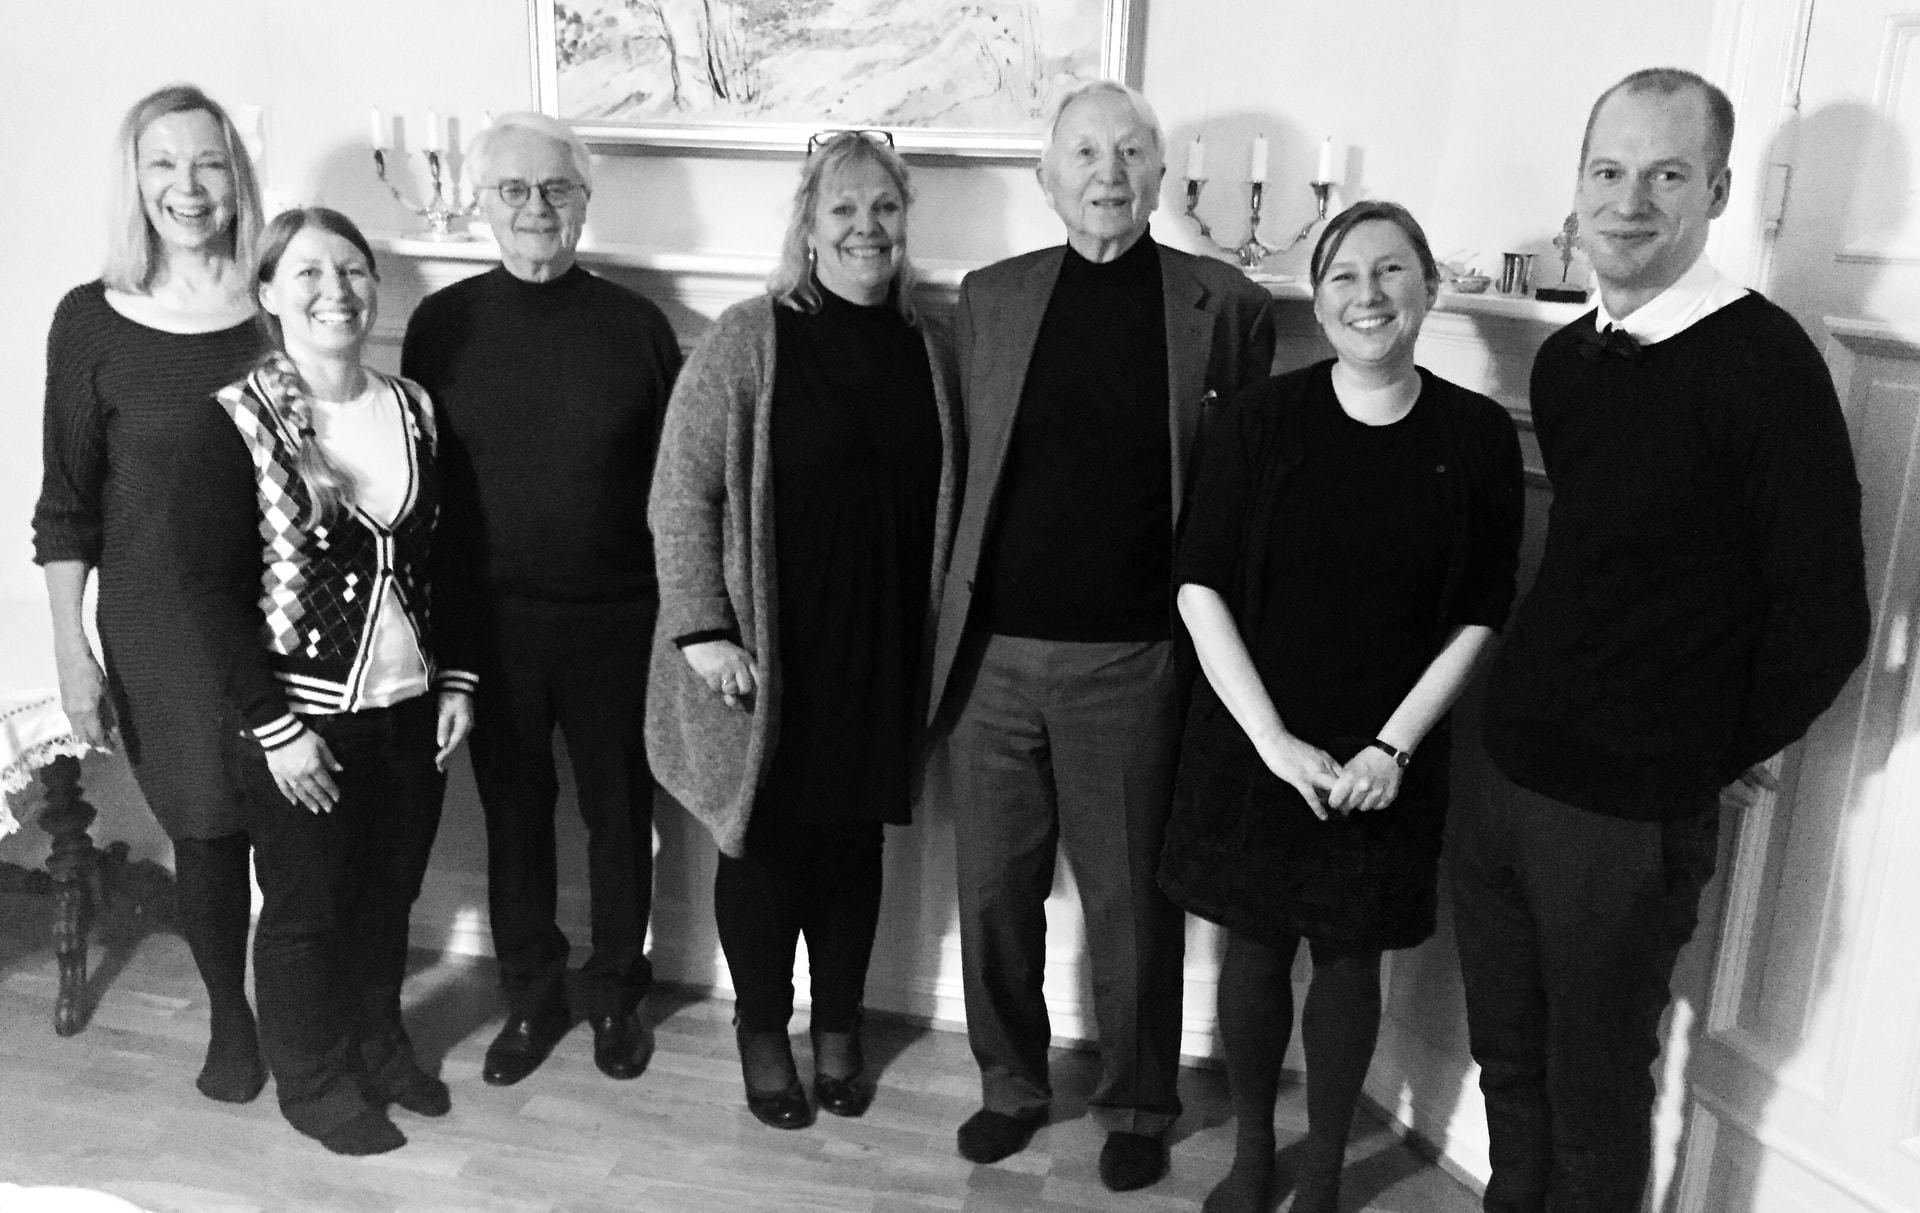 Bilde: Letten Foundation (LF) og Akademiet for Yngre Forskere (AYF) samarbeider om prisen. Fra venstre: Borghild Roald (LF), Guro Lind (AYF), Ernst Alsaker (LF), Sidsel Roalkvam (LF), Arve Johnsen (LF), Herdis Hølleland (administrasjon) & Magnus Aronsen (AYF).